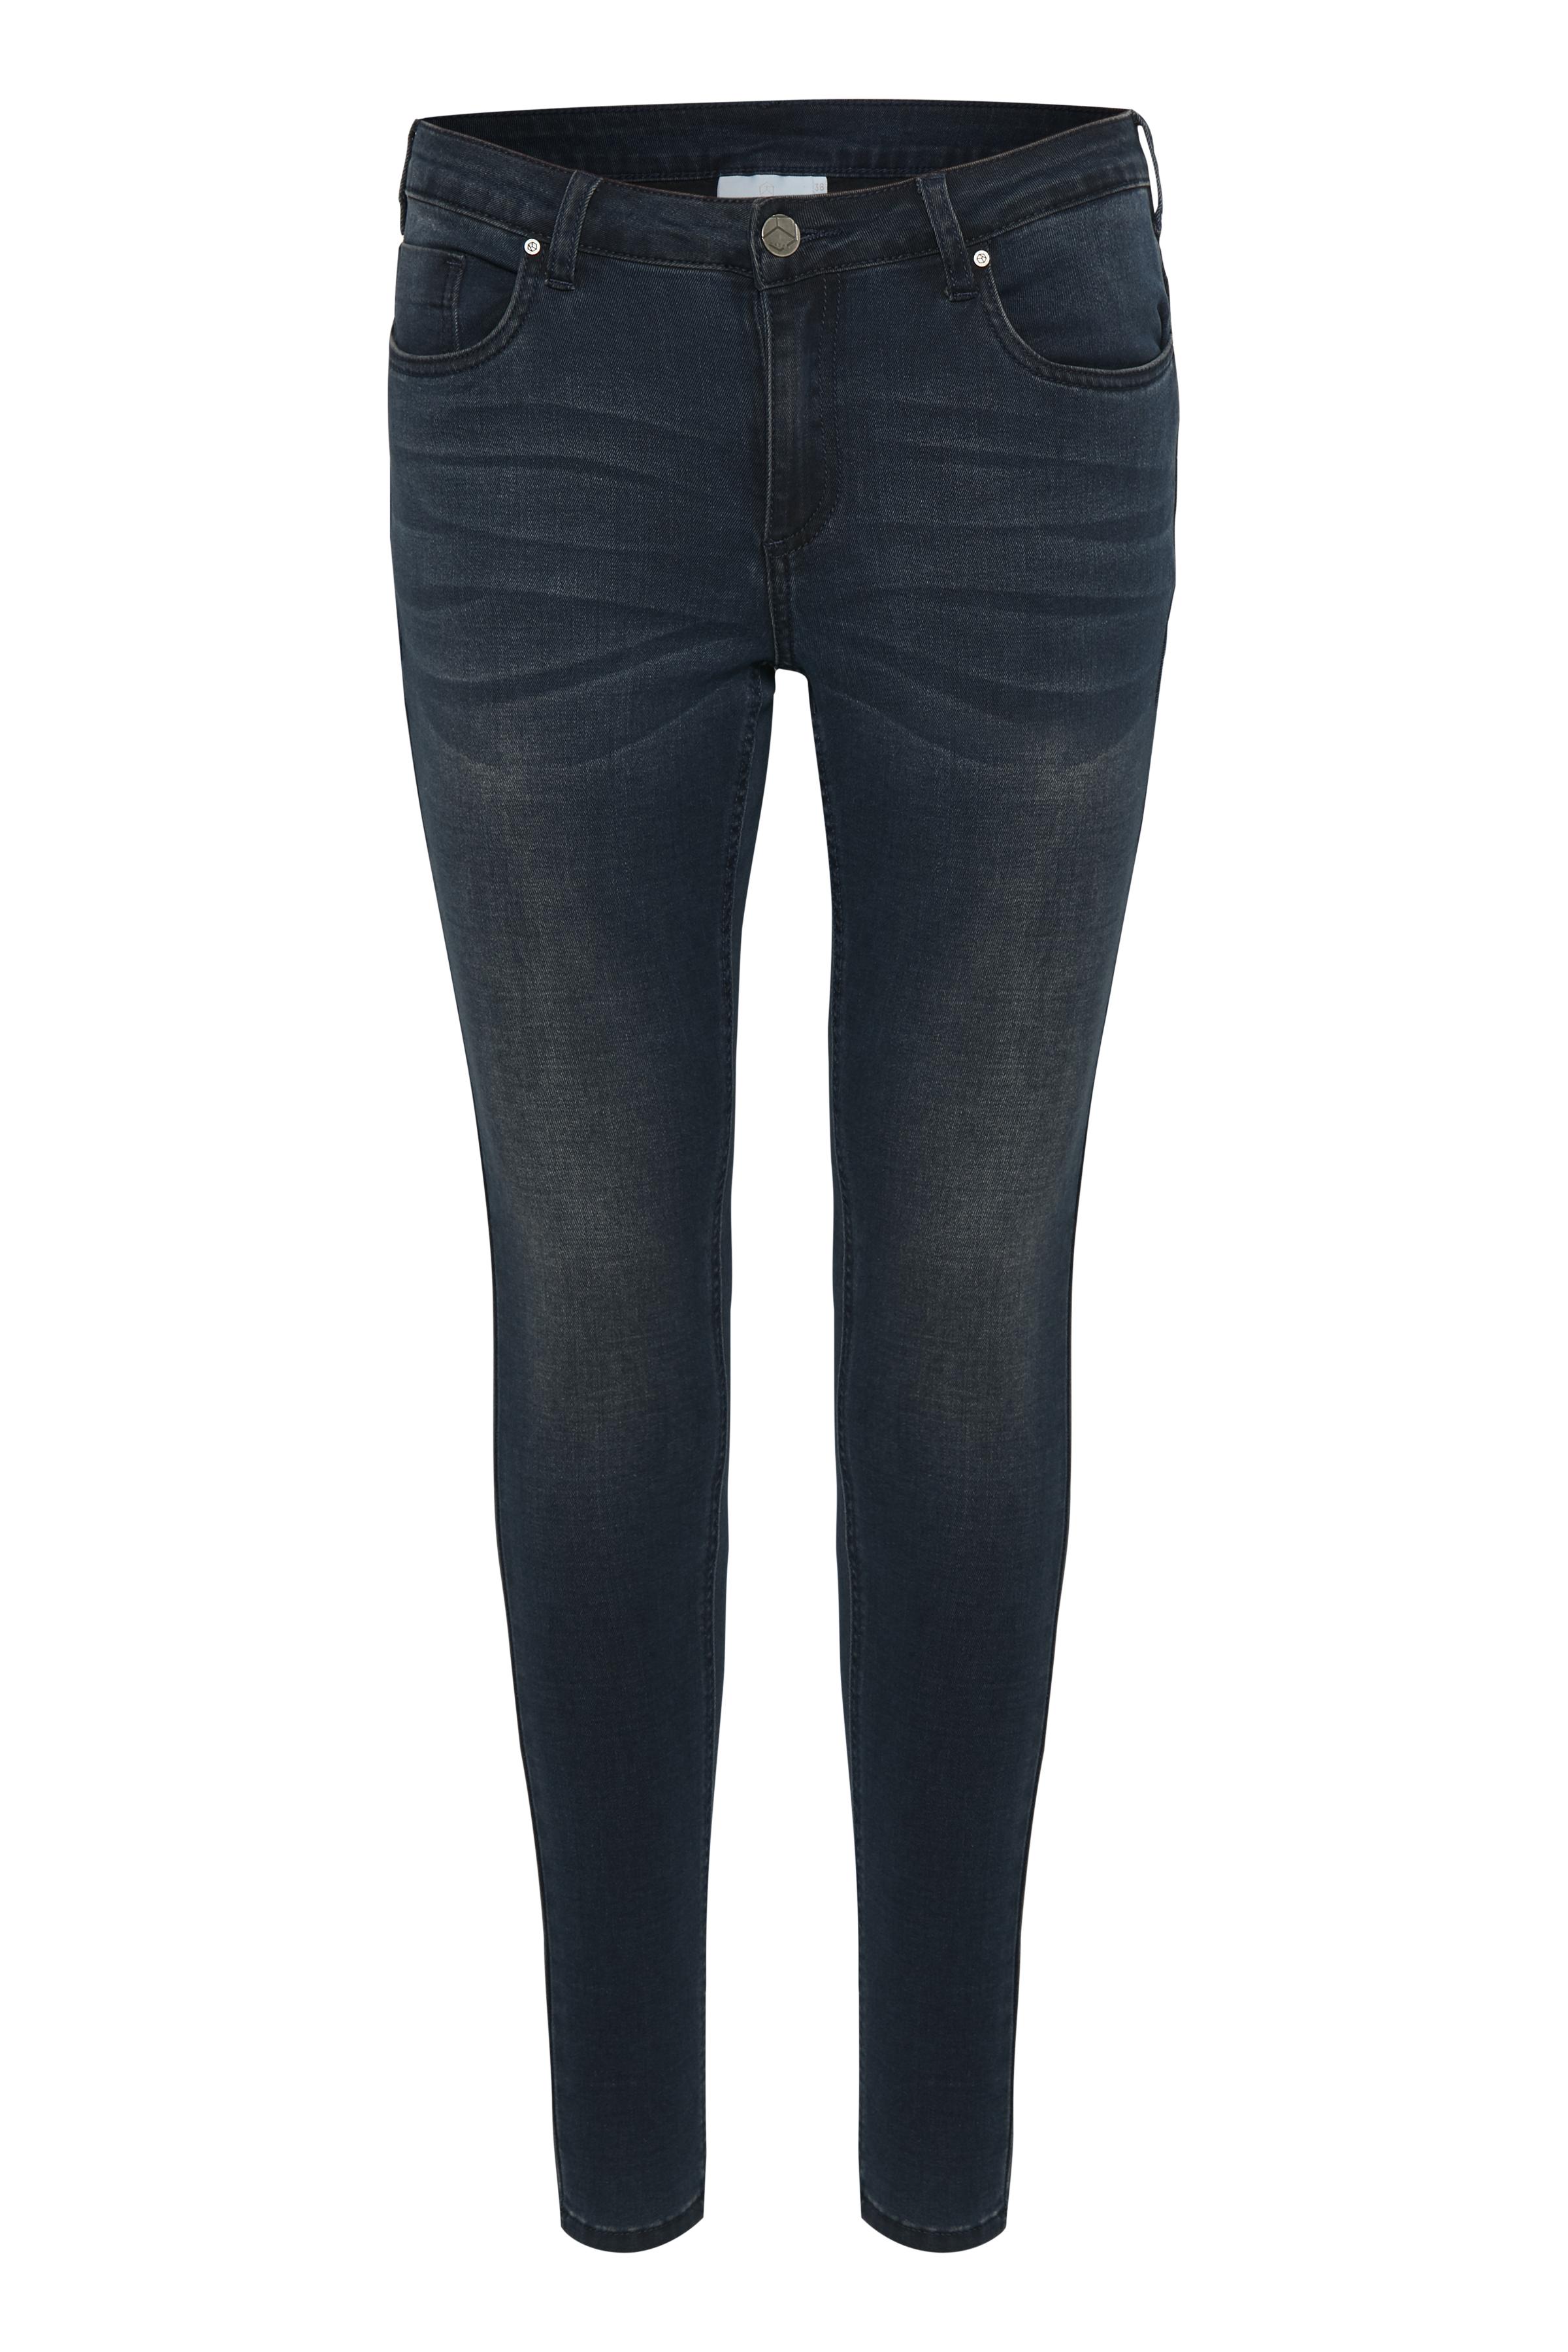 Billede af Kaffe Dame Skønne Grace jeans  - Mørk denimblå